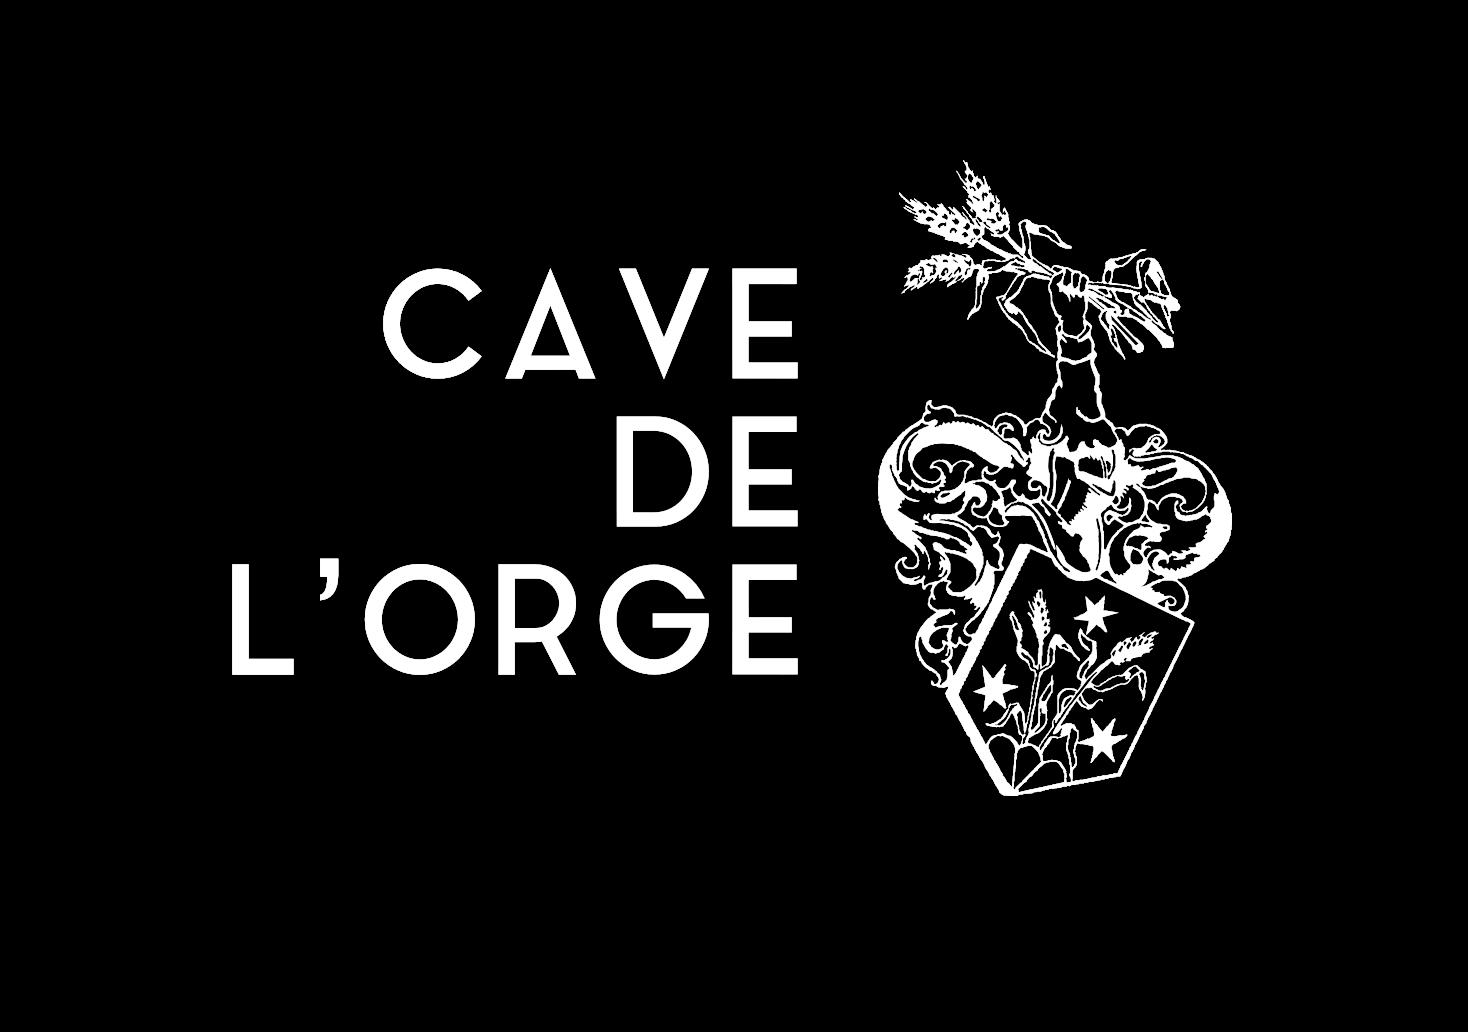 Cave de l'Orge